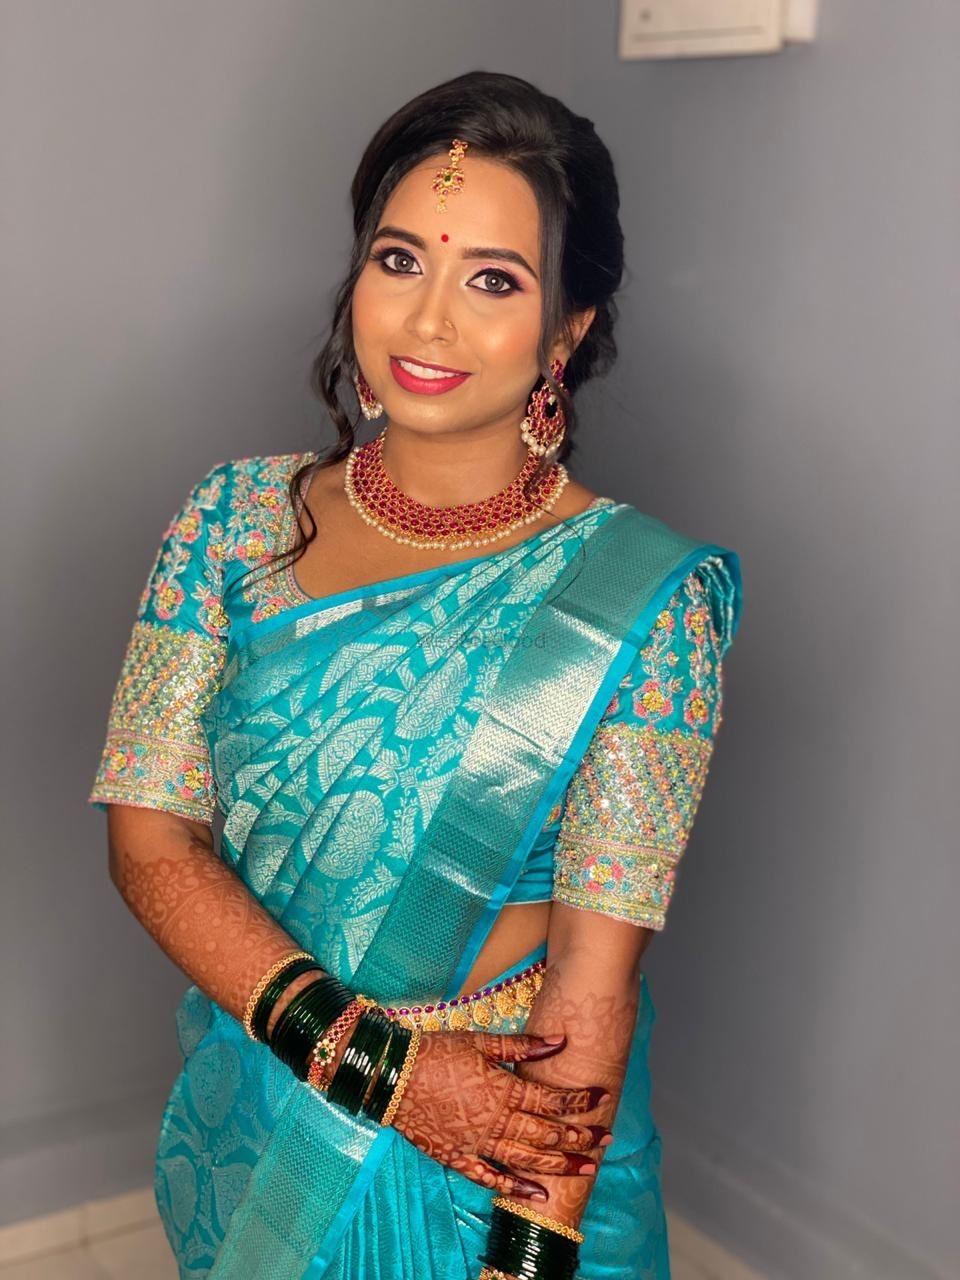 Photo From Moksha  - By Instaura by Nehaa